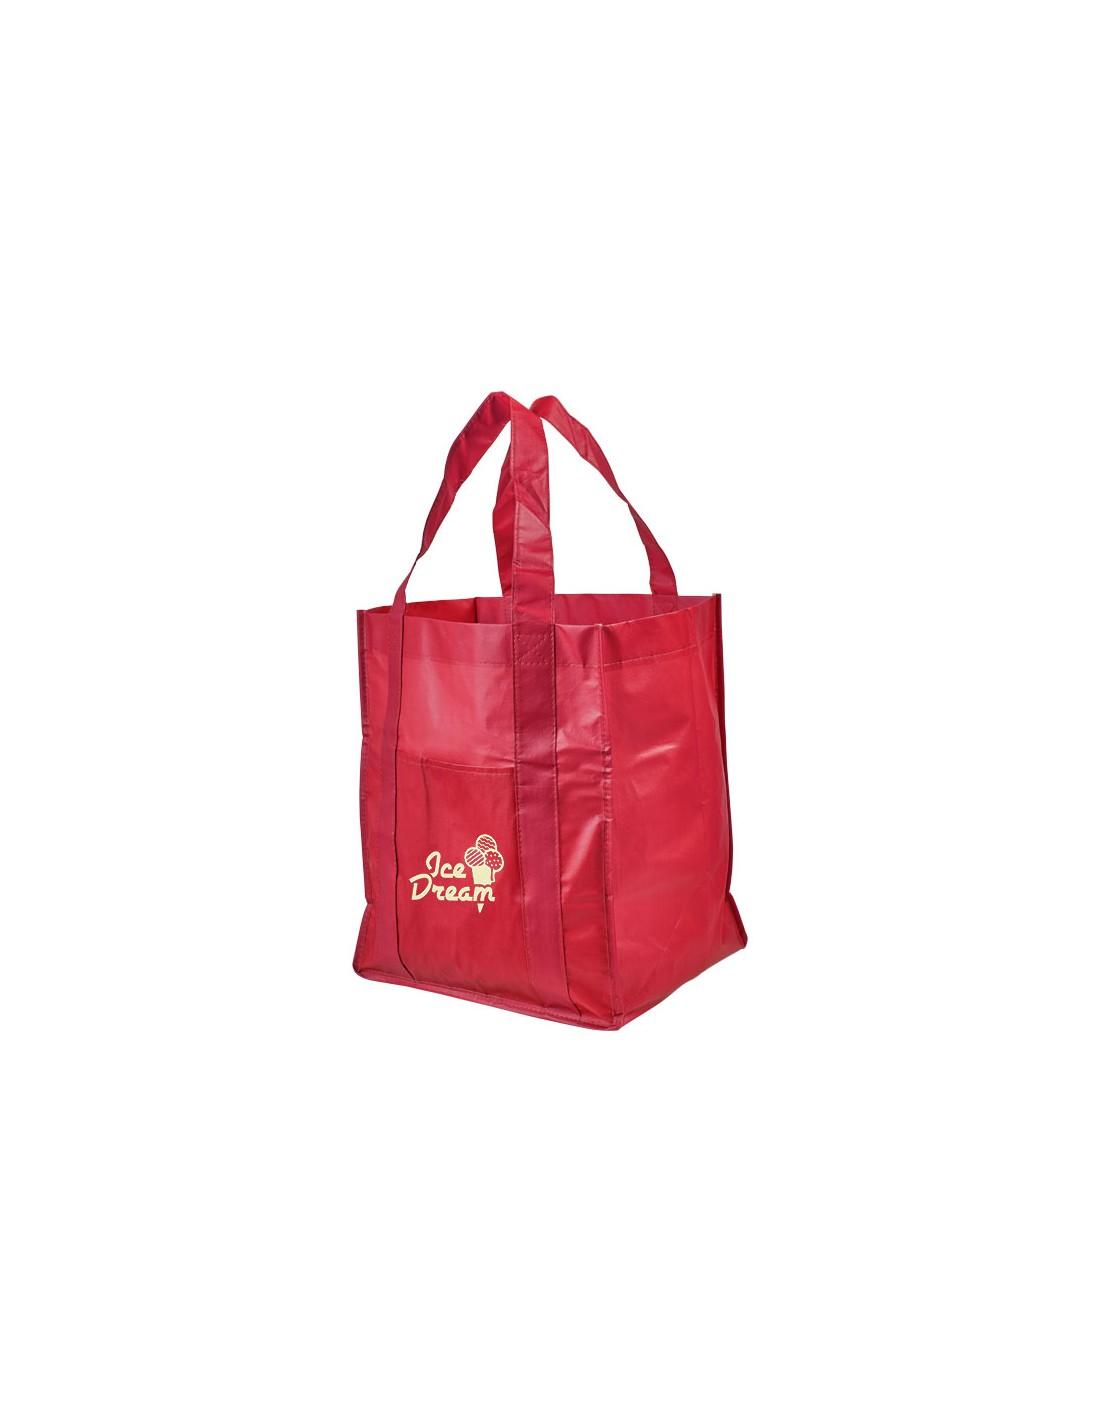 5ef0efa358a7f Laminowana torba na zakupy z non woven Savoy z własnym nadrukiem